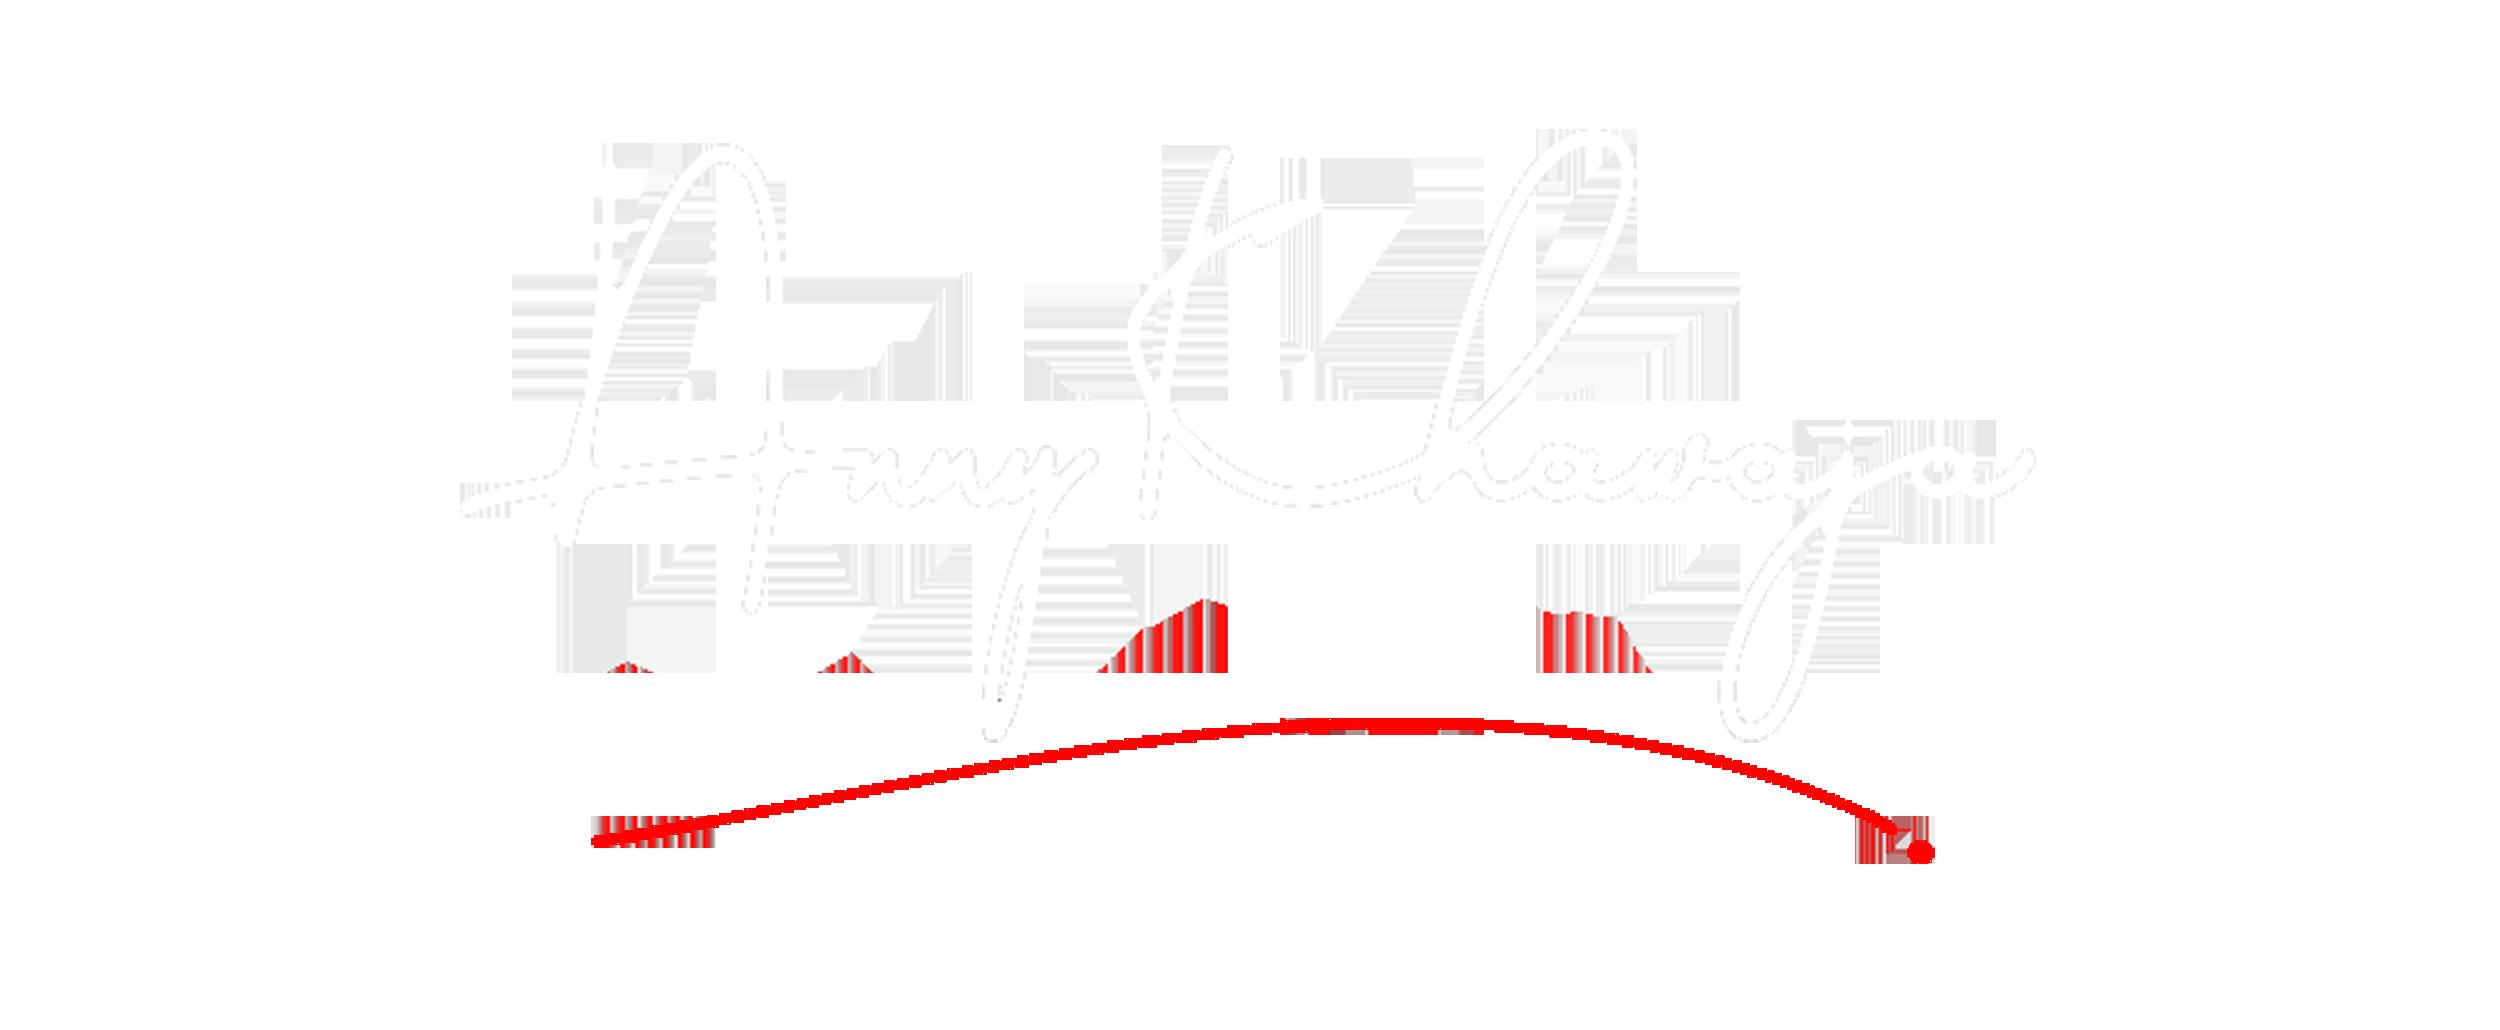 Anny Khawaja